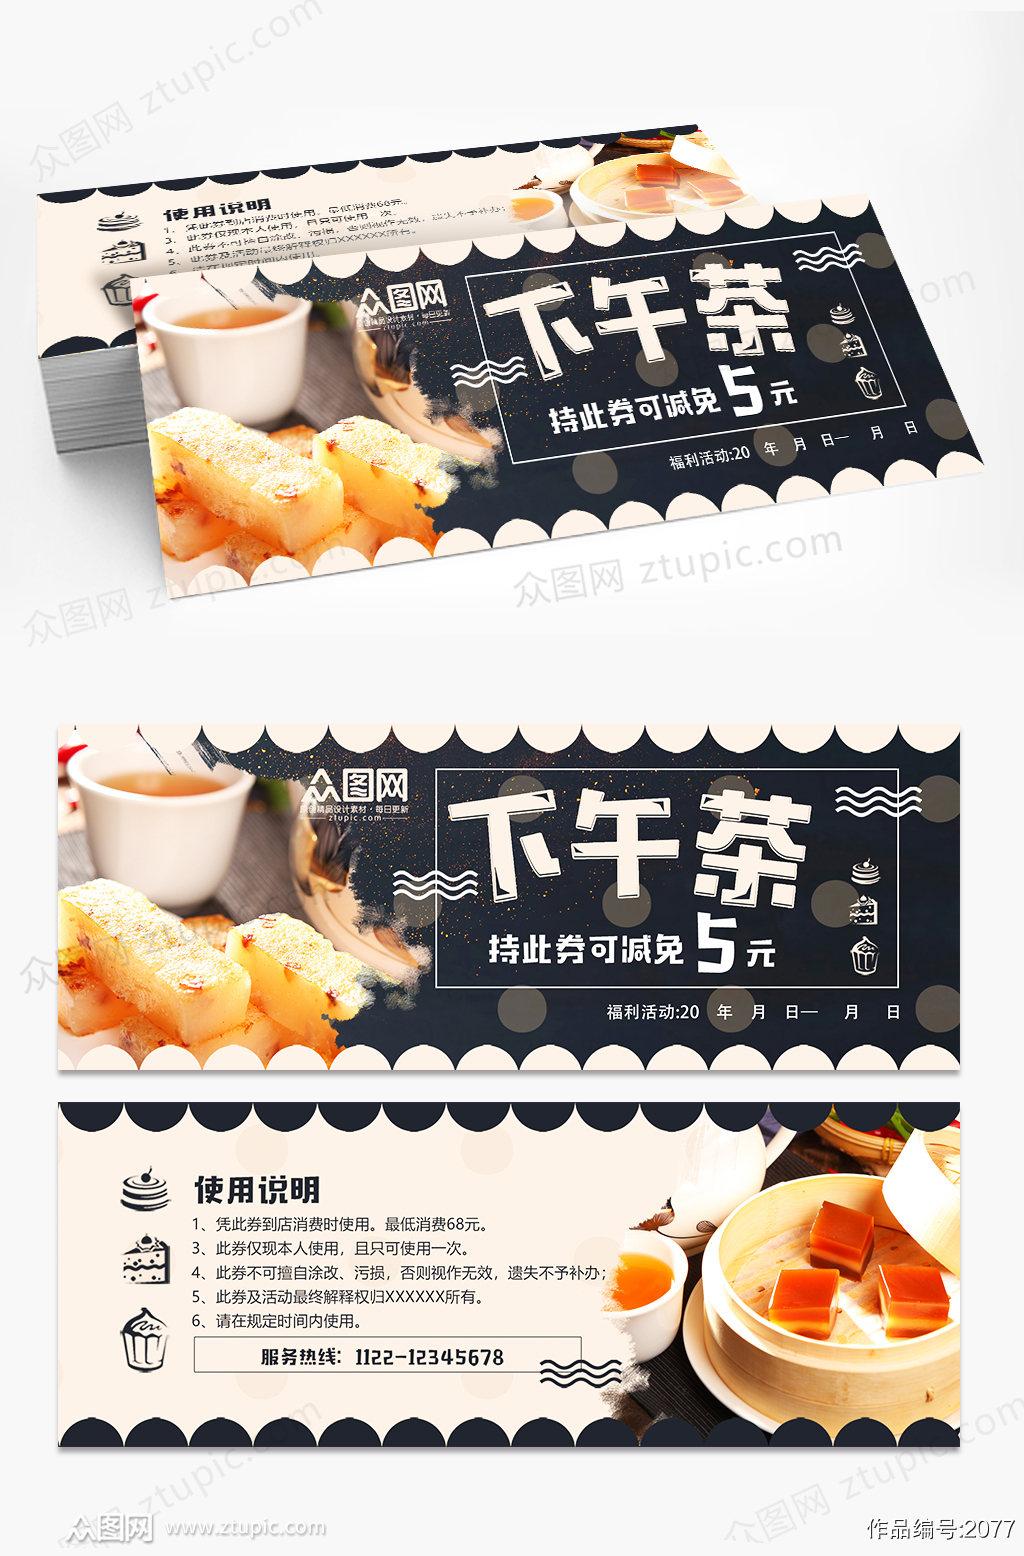 美食甜品下午茶餐厅代金券设计素材